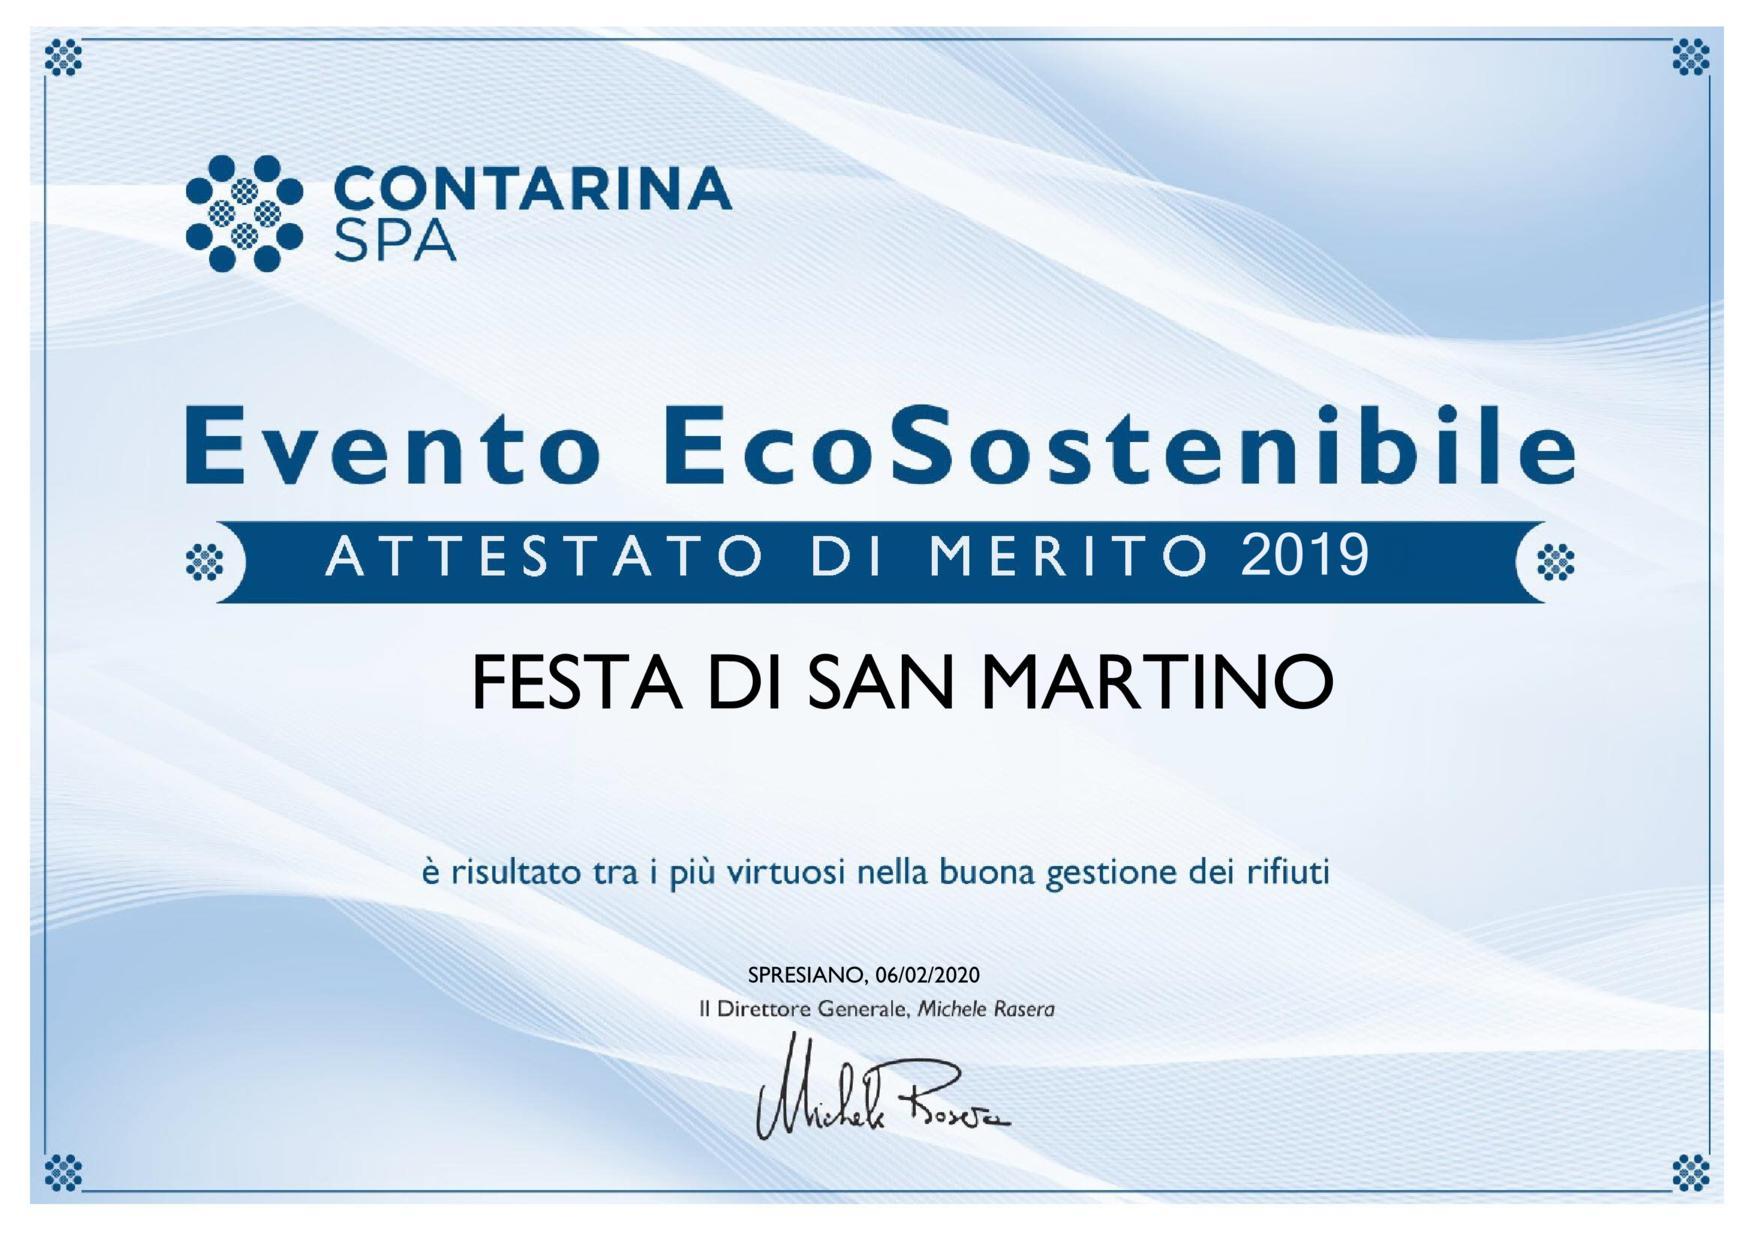 Evento Ecosostenibile